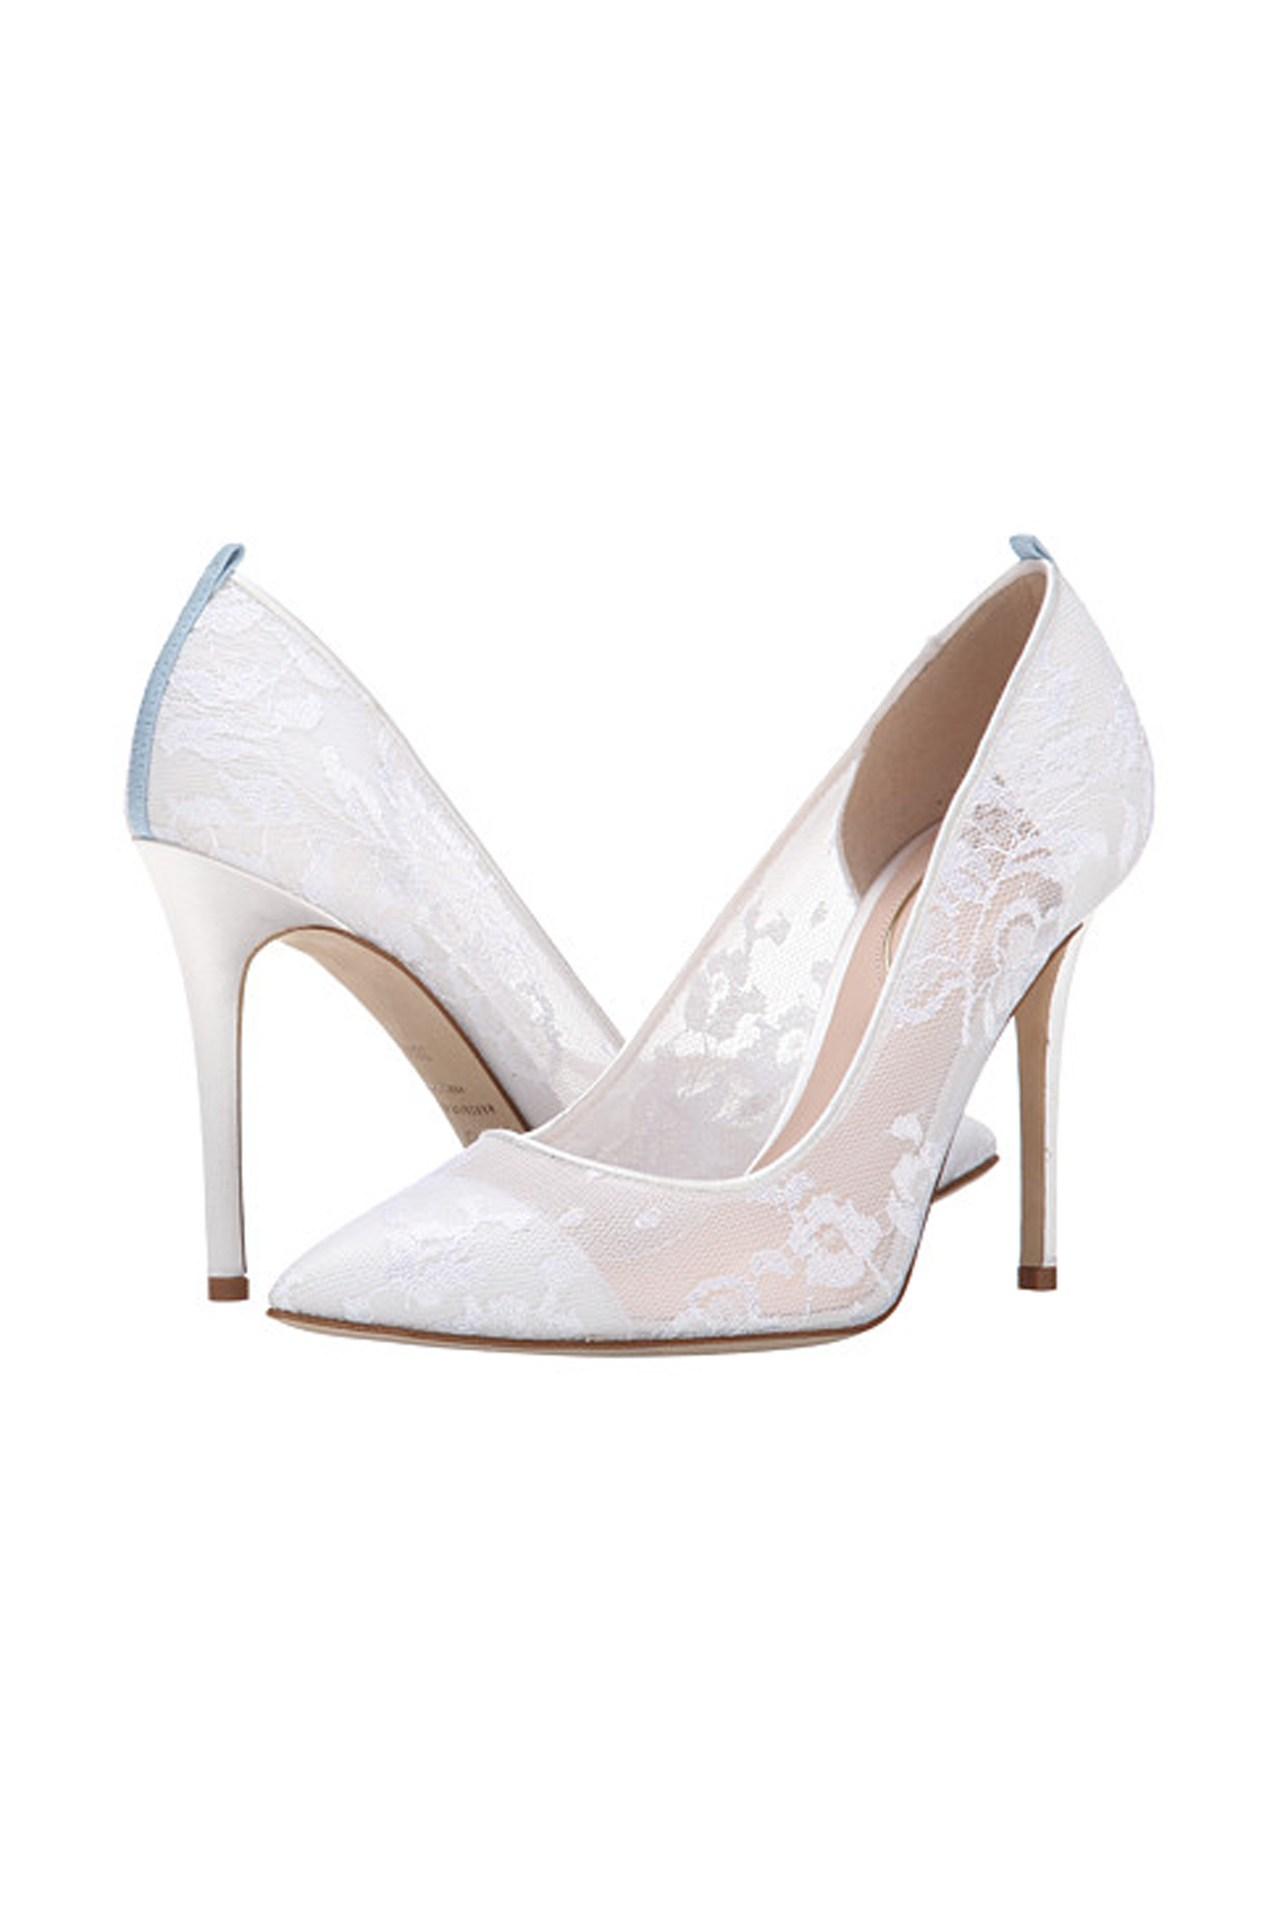 sarah jessica parker bridal shoes photo - 1